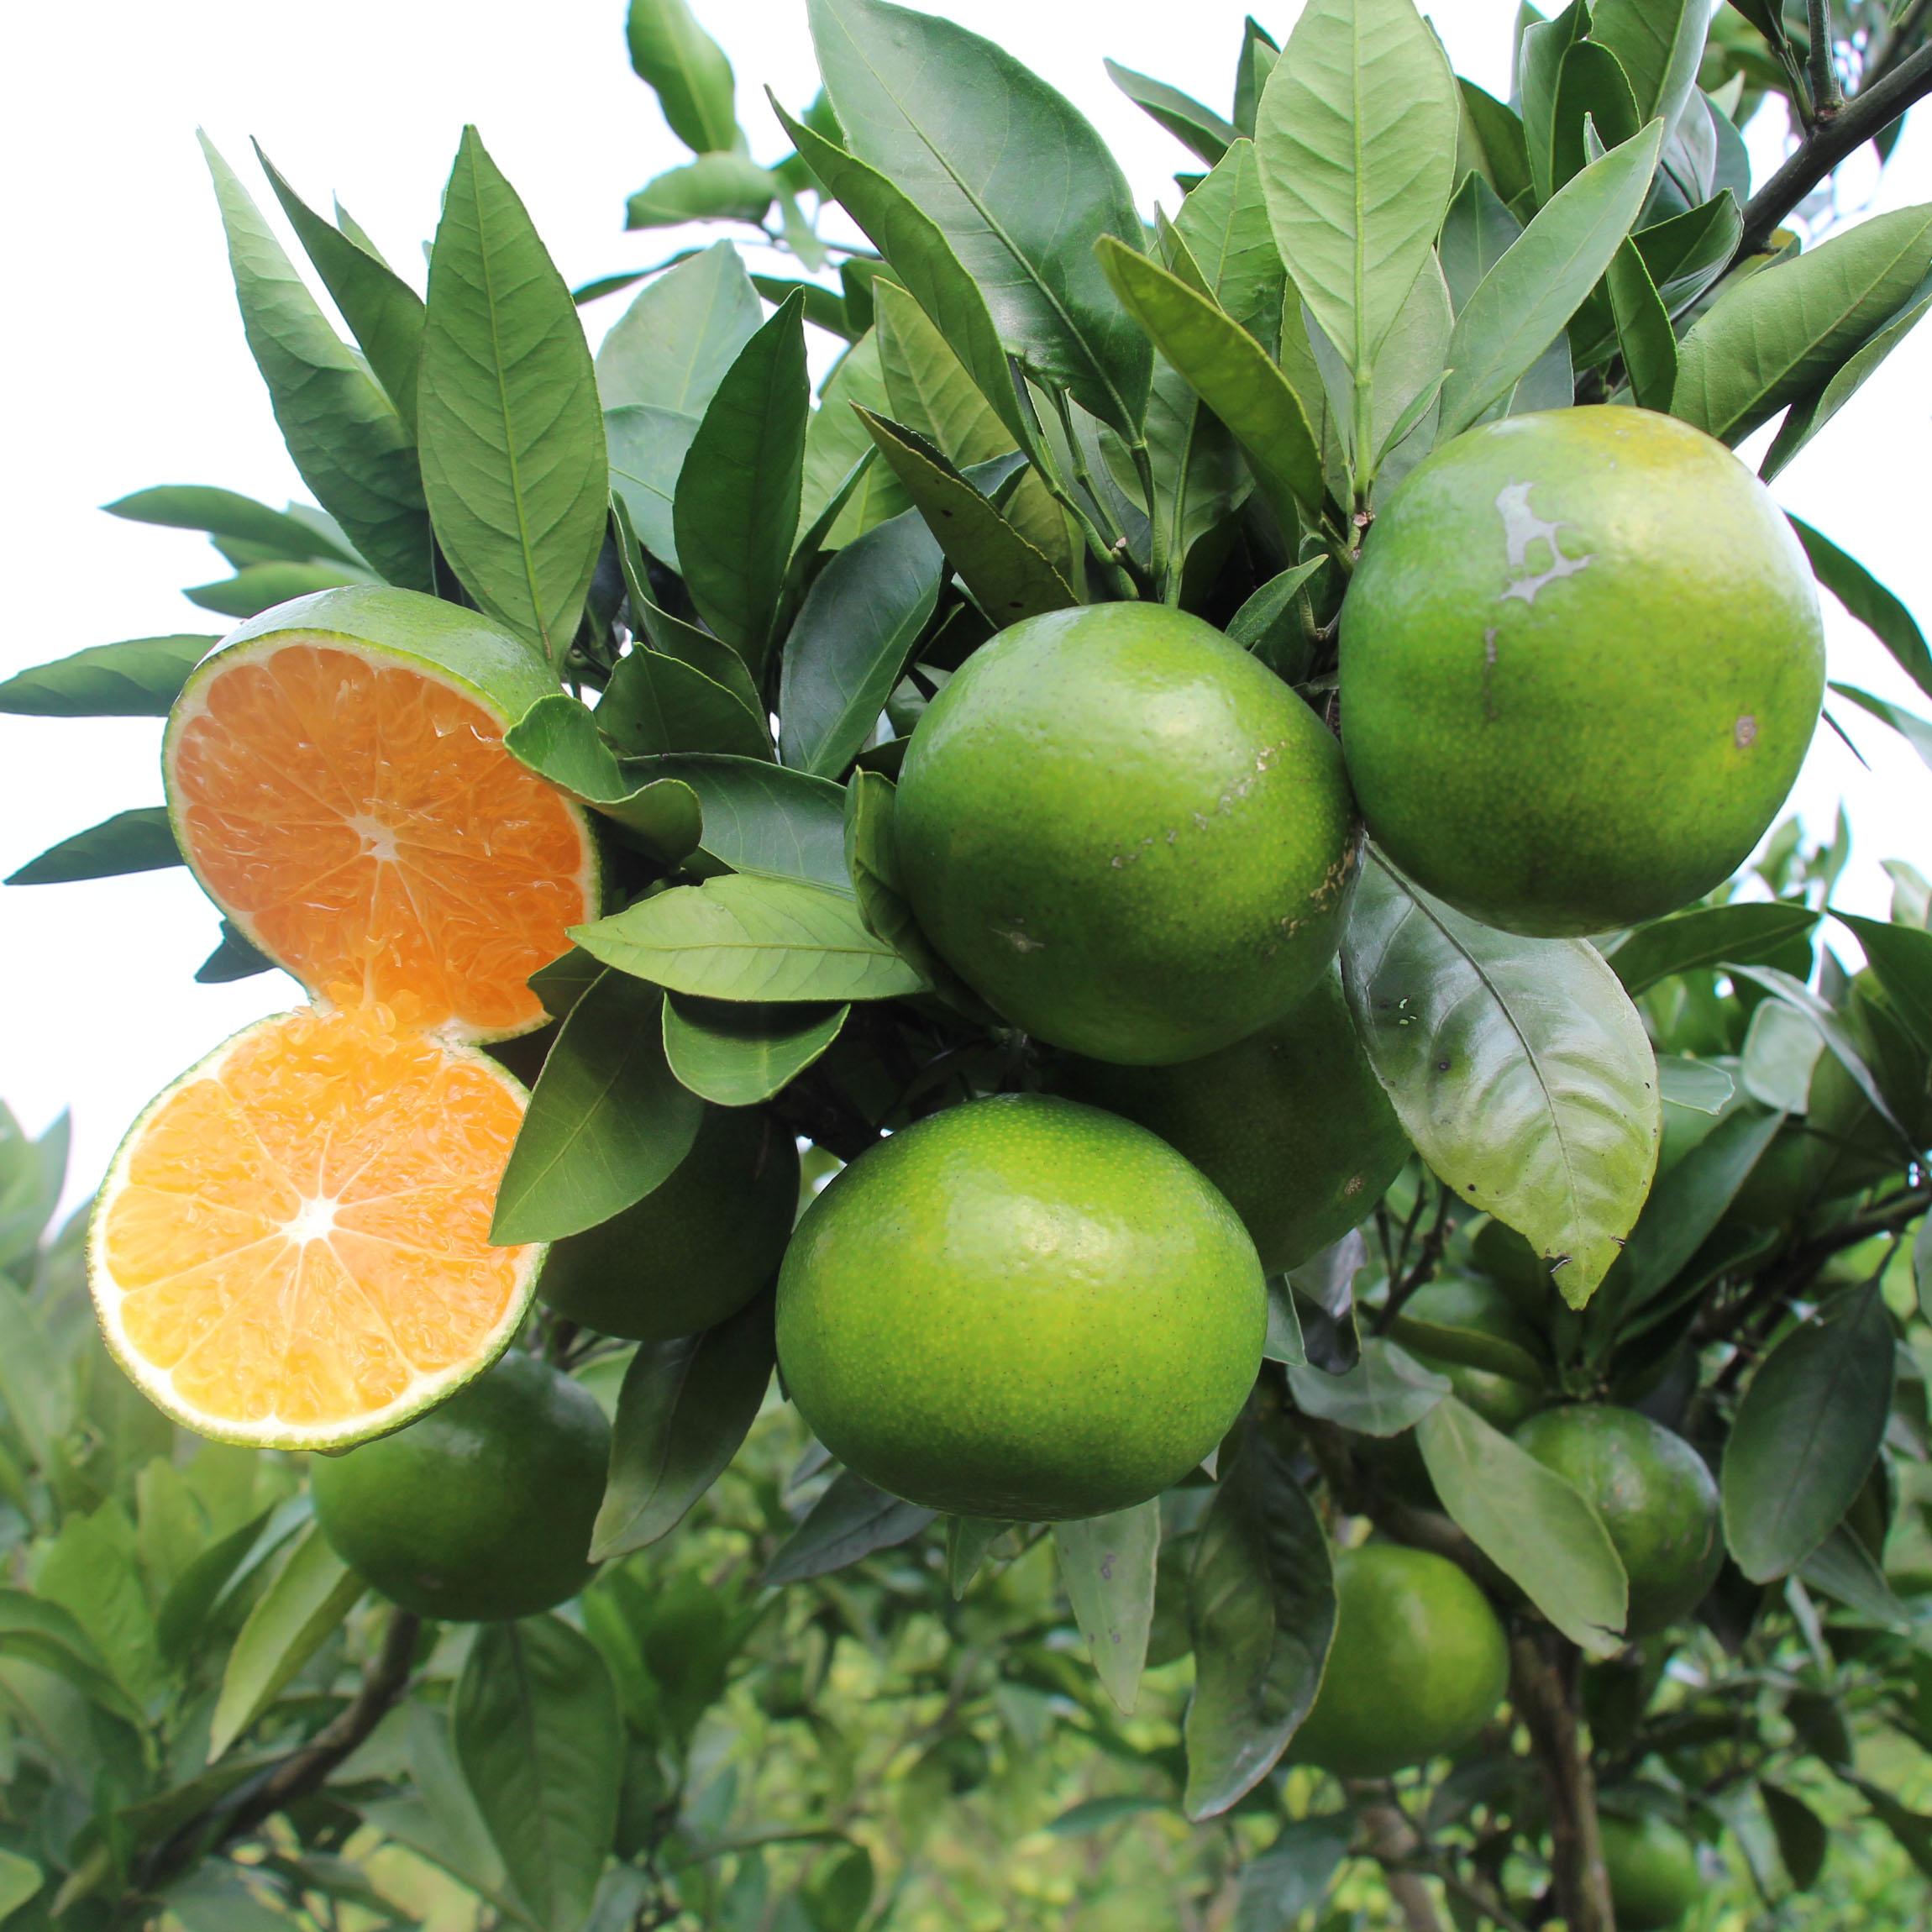 新鲜青皮无籽橘子现摘现发10斤包邮;品种:蜜桔,等级:一级,包装规格:箱